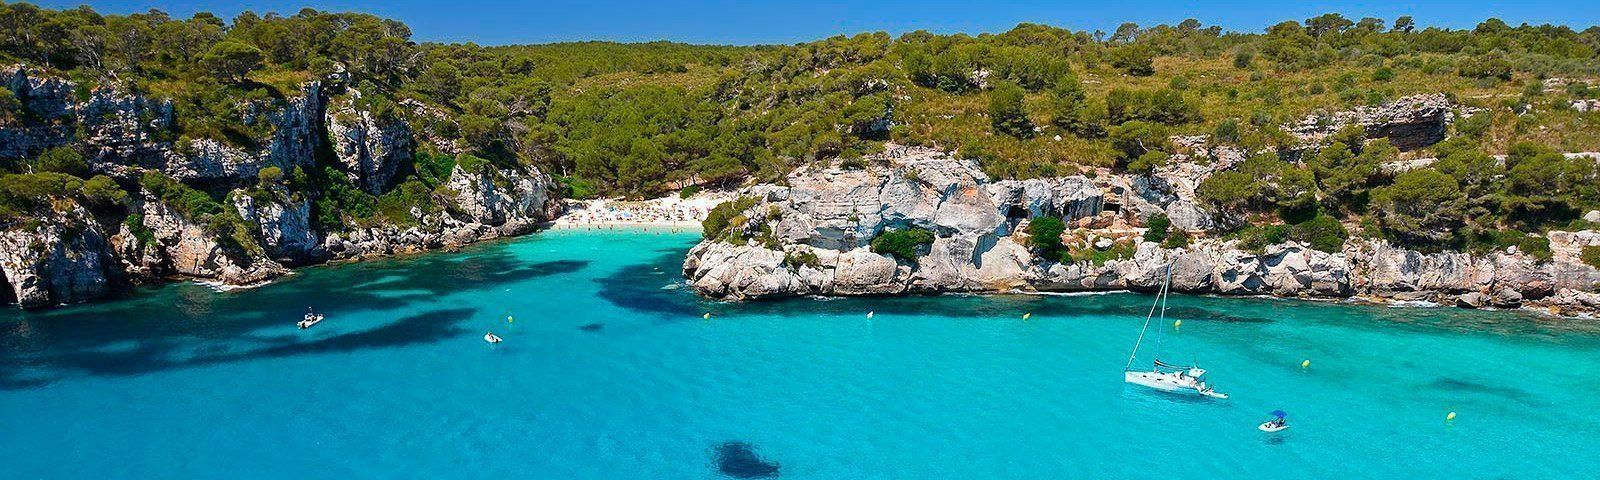 vacaciones-islas-baleares-velero-macarella